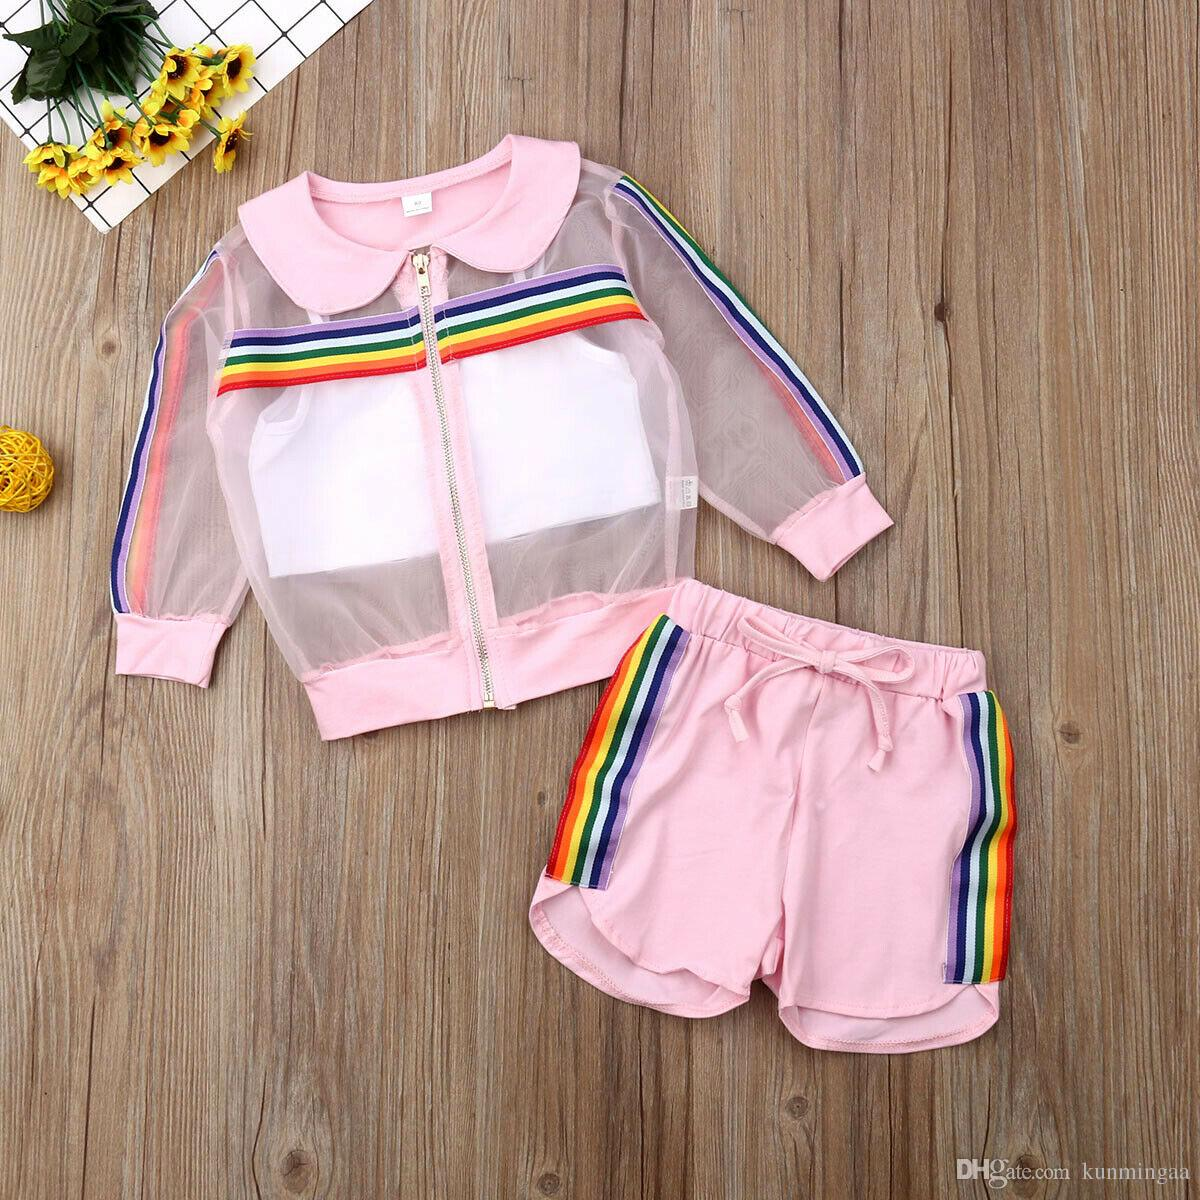 2019 Çocuk Yaz Giyim Bebek Çocuk Kız Bebek Mesh Coat + Yelek + Pantolon Kıyafet 3PCS Sunsuit Renkli Gökkuşağı Çizgili Seti